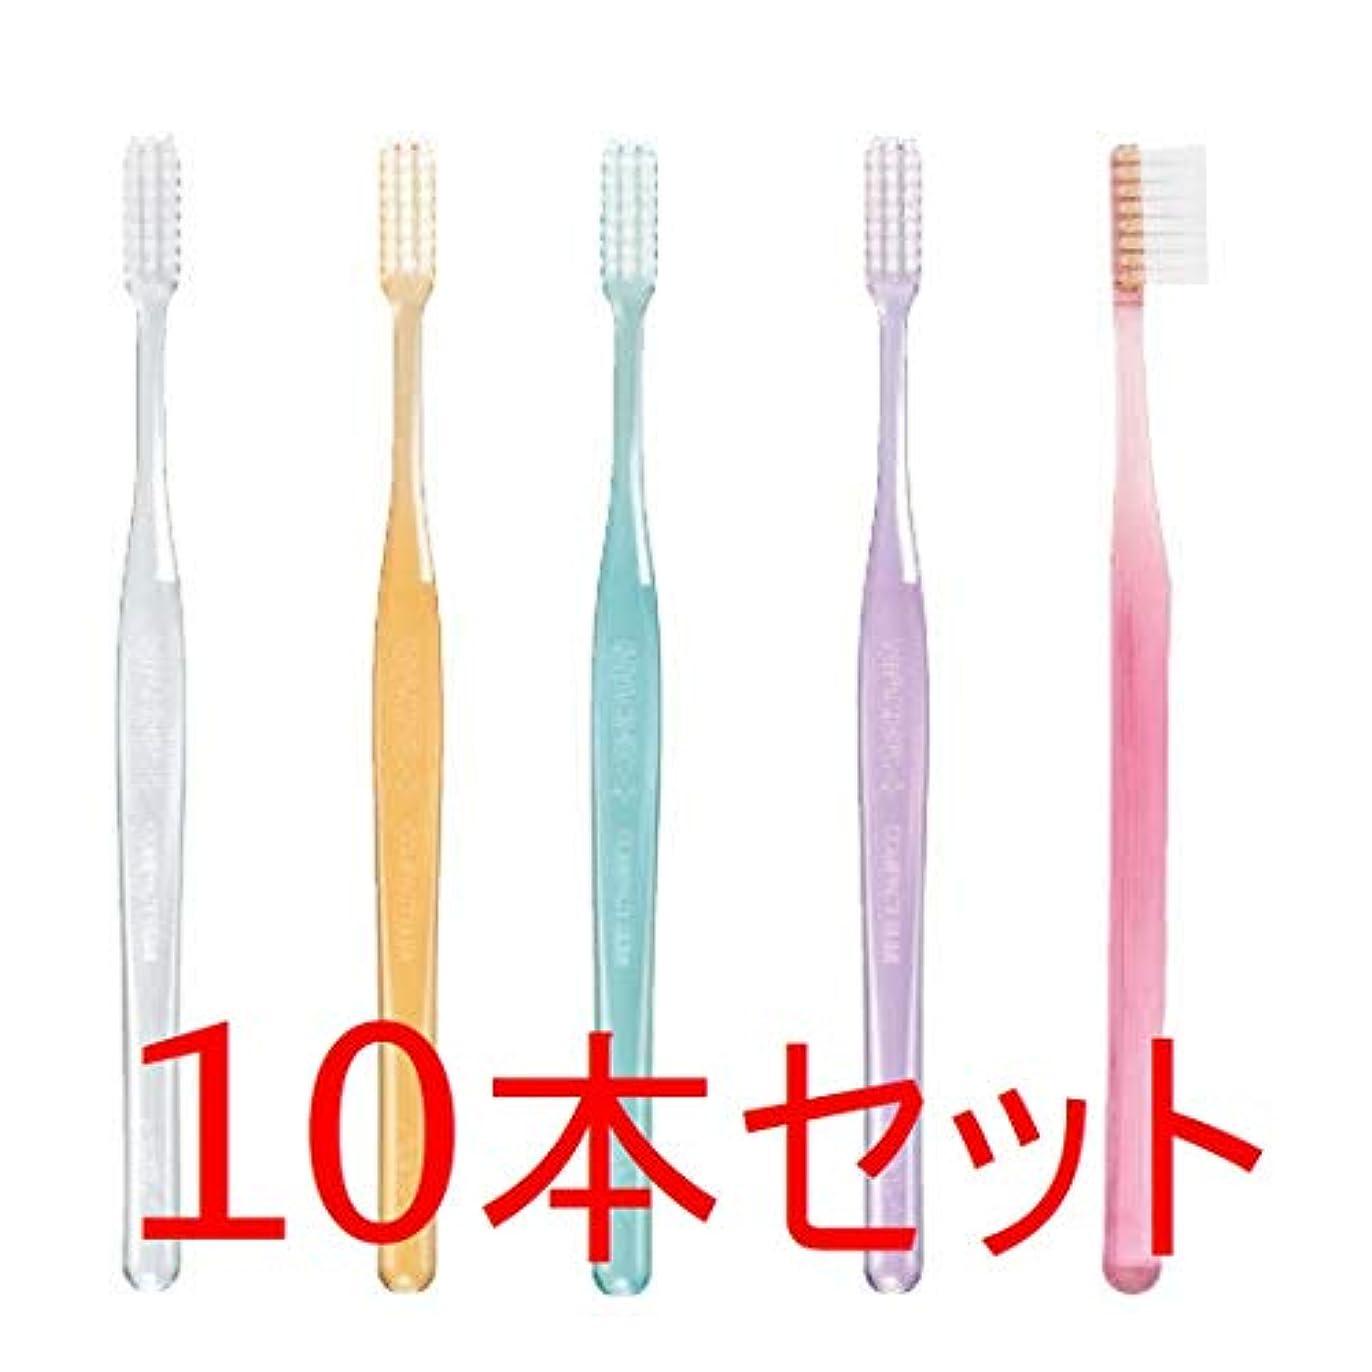 寛容な拒絶打たれたトラックGC プロスペック 歯ブラシ プラス コンパクトスリム 10本 クリアー色 (M(ふつう), おまかせ)